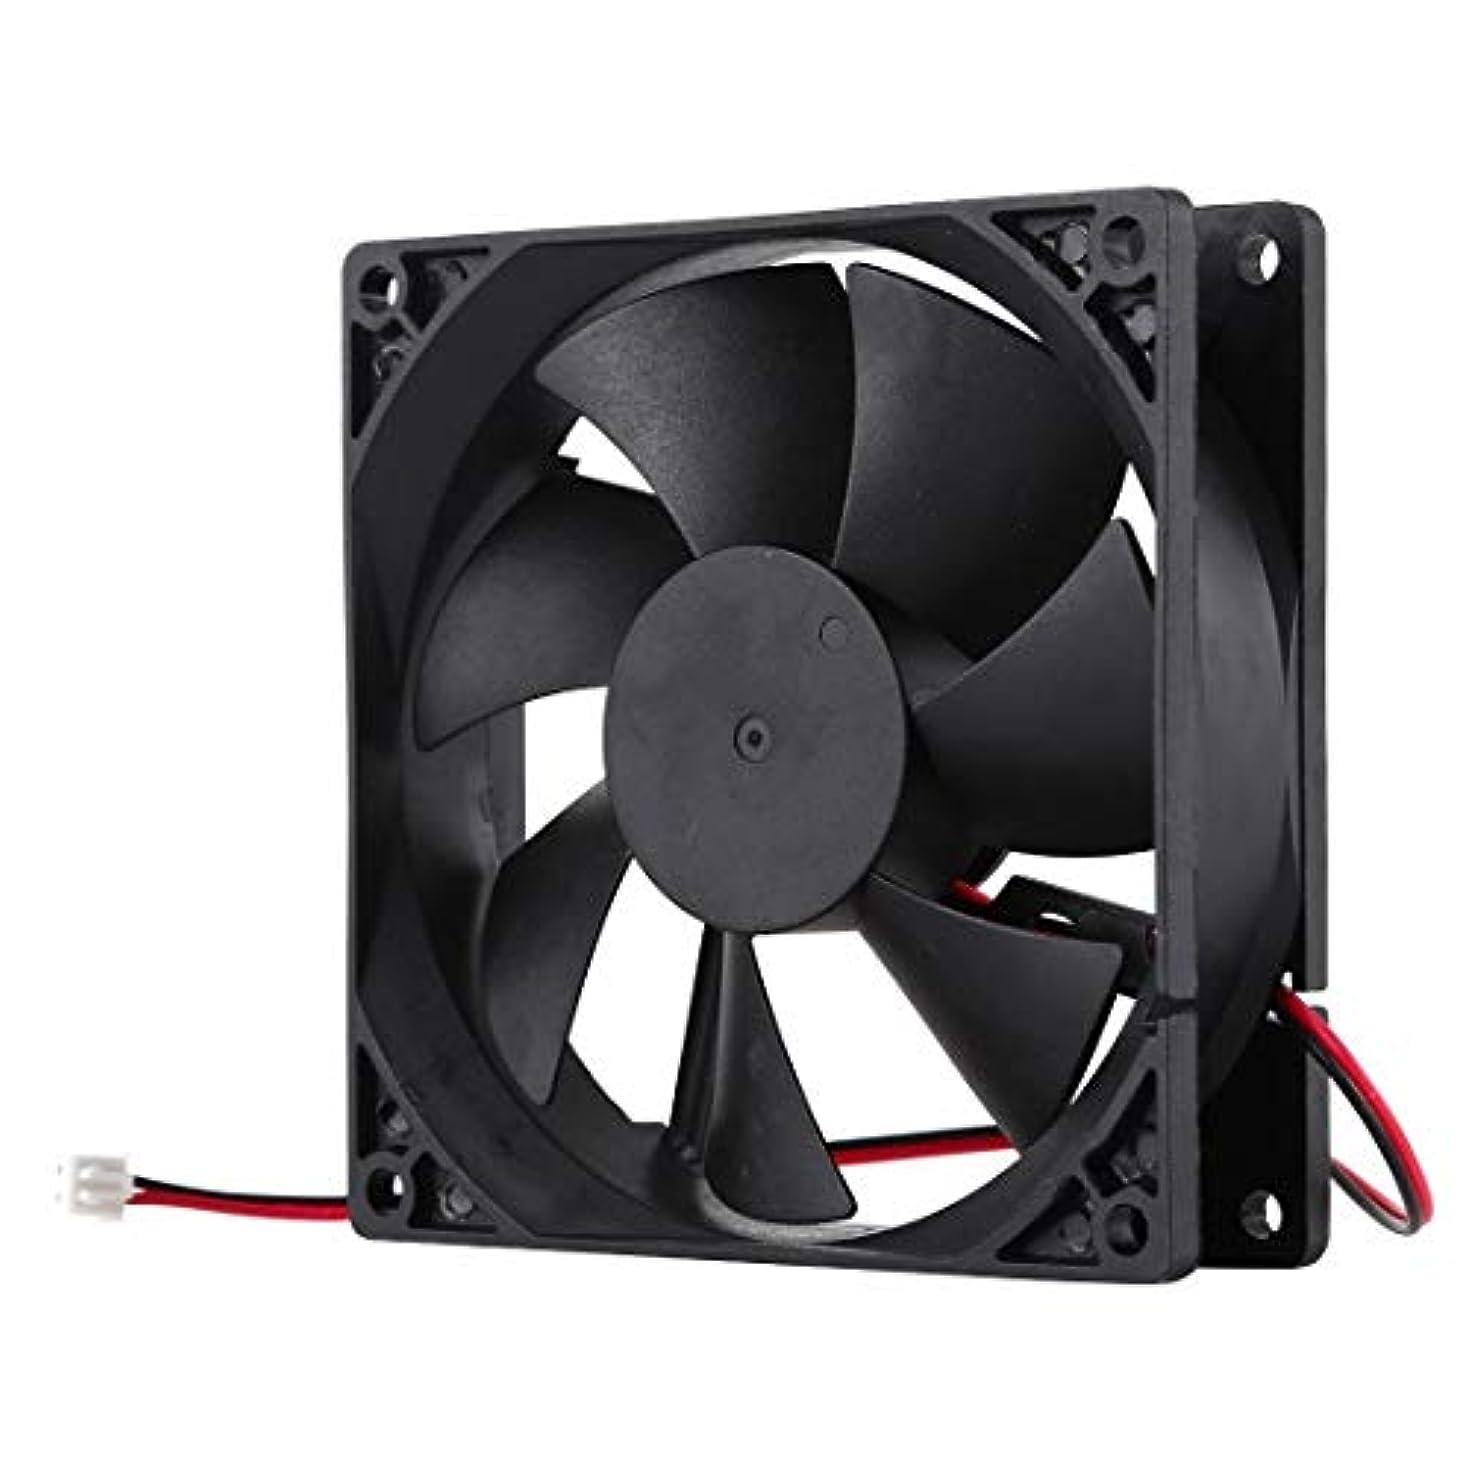 天文学コロニアル献身WTYDコンピューターアクセサリー 冷却ファン9インチ9025 2ピンコンピュータ コンピューターに使用 (Color : Black)